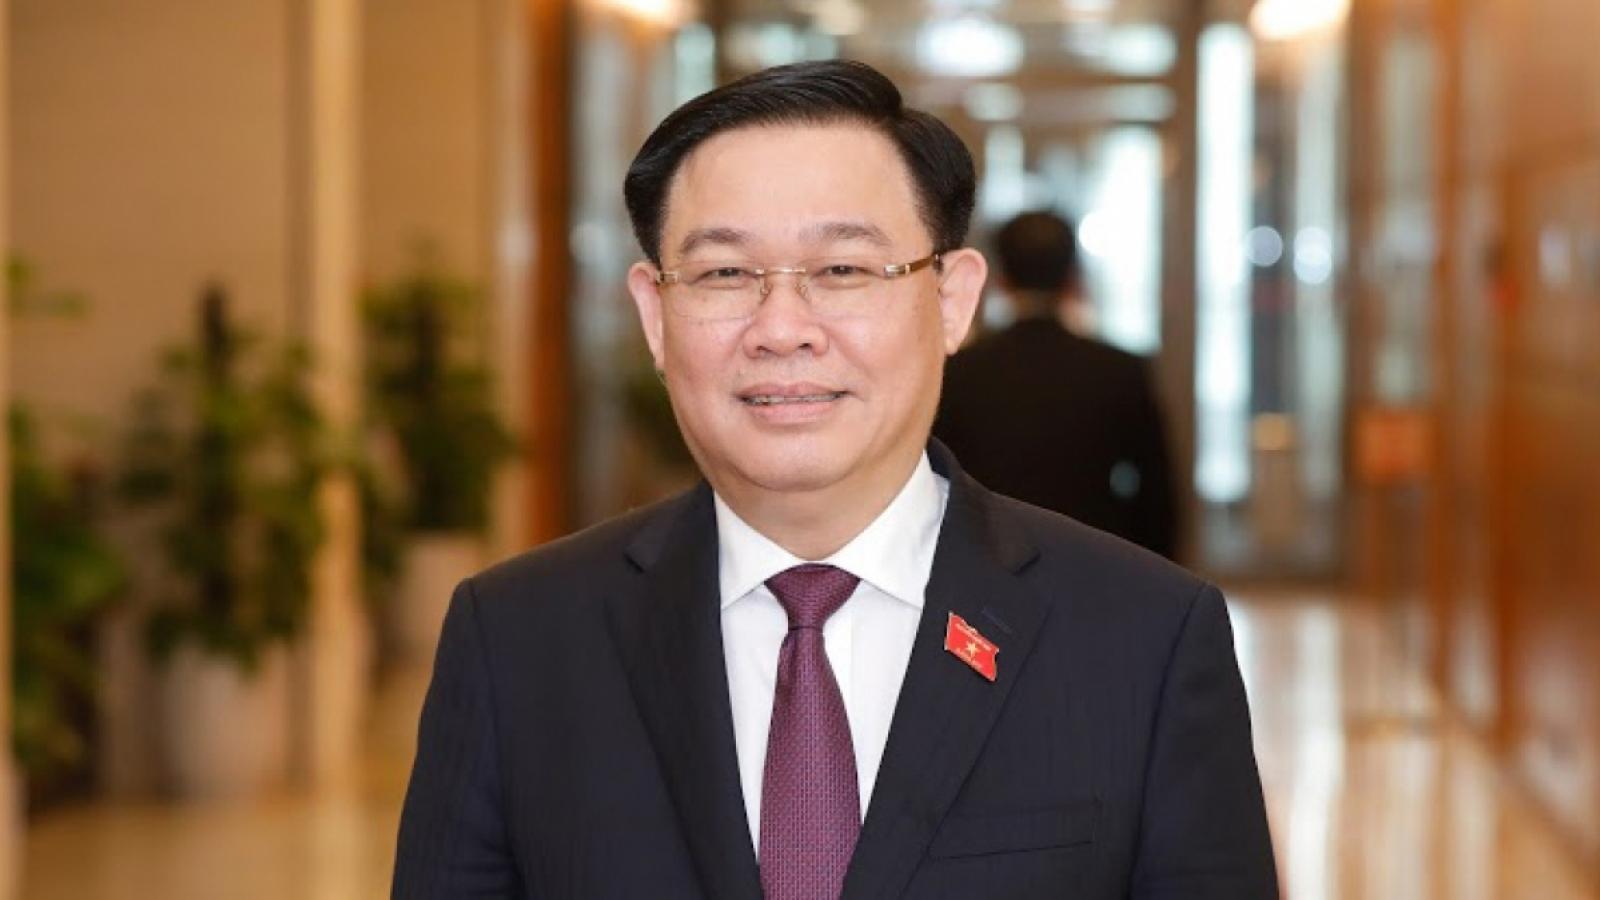 Lãnh đạo nghị viện các nước gửi thư chúc mừng Chủ tịch Quốc hội Vương Đình Huệ